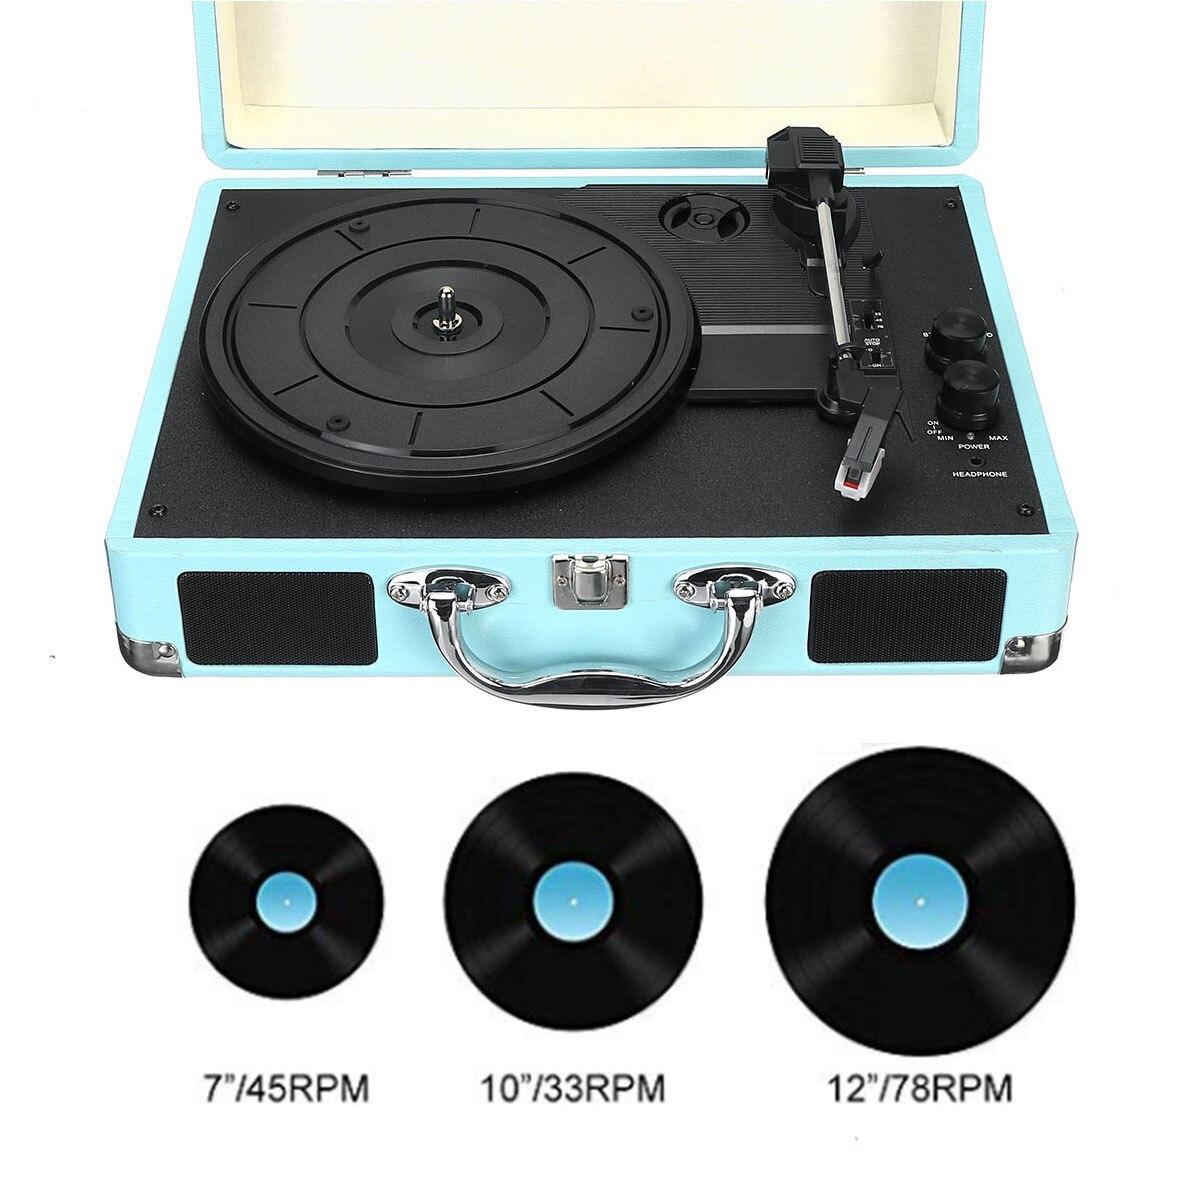 Plattenspieler Metall Record Clamp Lp Disc Stabilisator Plattenspieler Für Vinyl Rekord Cd Player Lautsprecher Plattenspieler Vibration Ausgewogene Hohe Präzision